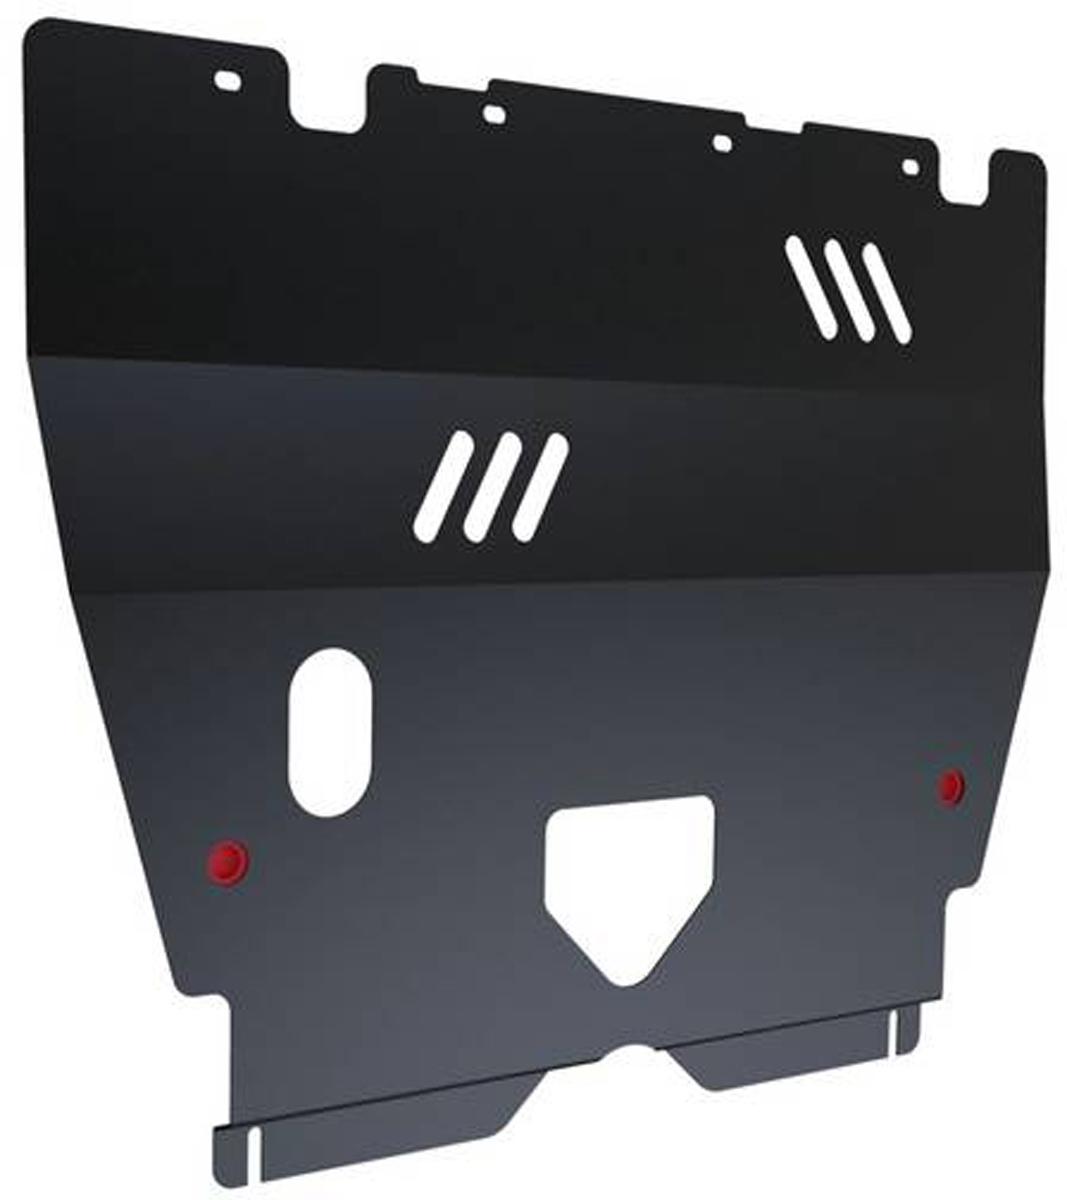 Защита картера и КПП Автоброня Peugeot 206 2006-, сталь 2 мм111.04301.1Защита картера и КПП Автоброня Peugeot 206, V - 1,4; 1,6 2006-, сталь 2 мм, комплект крепежа, 111.04301.1Стальные защиты Автоброня надежно защищают ваш автомобиль от повреждений при наезде на бордюры, выступающие канализационные люки, кромки поврежденного асфальта или при ремонте дорог, не говоря уже о загородных дорогах. - Имеют оптимальное соотношение цена-качество. - Спроектированы с учетом особенностей автомобиля, что делает установку удобной. - Защита устанавливается в штатные места кузова автомобиля. - Является надежной защитой для важных элементов на протяжении долгих лет. - Глубокий штамп дополнительно усиливает конструкцию защиты. - Подштамповка в местах крепления защищает крепеж от срезания. - Технологические отверстия там, где они необходимы для смены масла и слива воды, оборудованные заглушками, закрепленными на защите. Толщина стали 2 мм. В комплекте крепеж и инструкция по установке.Уважаемые клиенты! Обращаем ваше внимание на тот факт, что защита имеет форму, соответствующую модели данного автомобиля. Наличие глубокого штампа и лючков для смены фильтров/масла предусмотрено не на всех защитах. Фото служит для визуального восприятия товара.